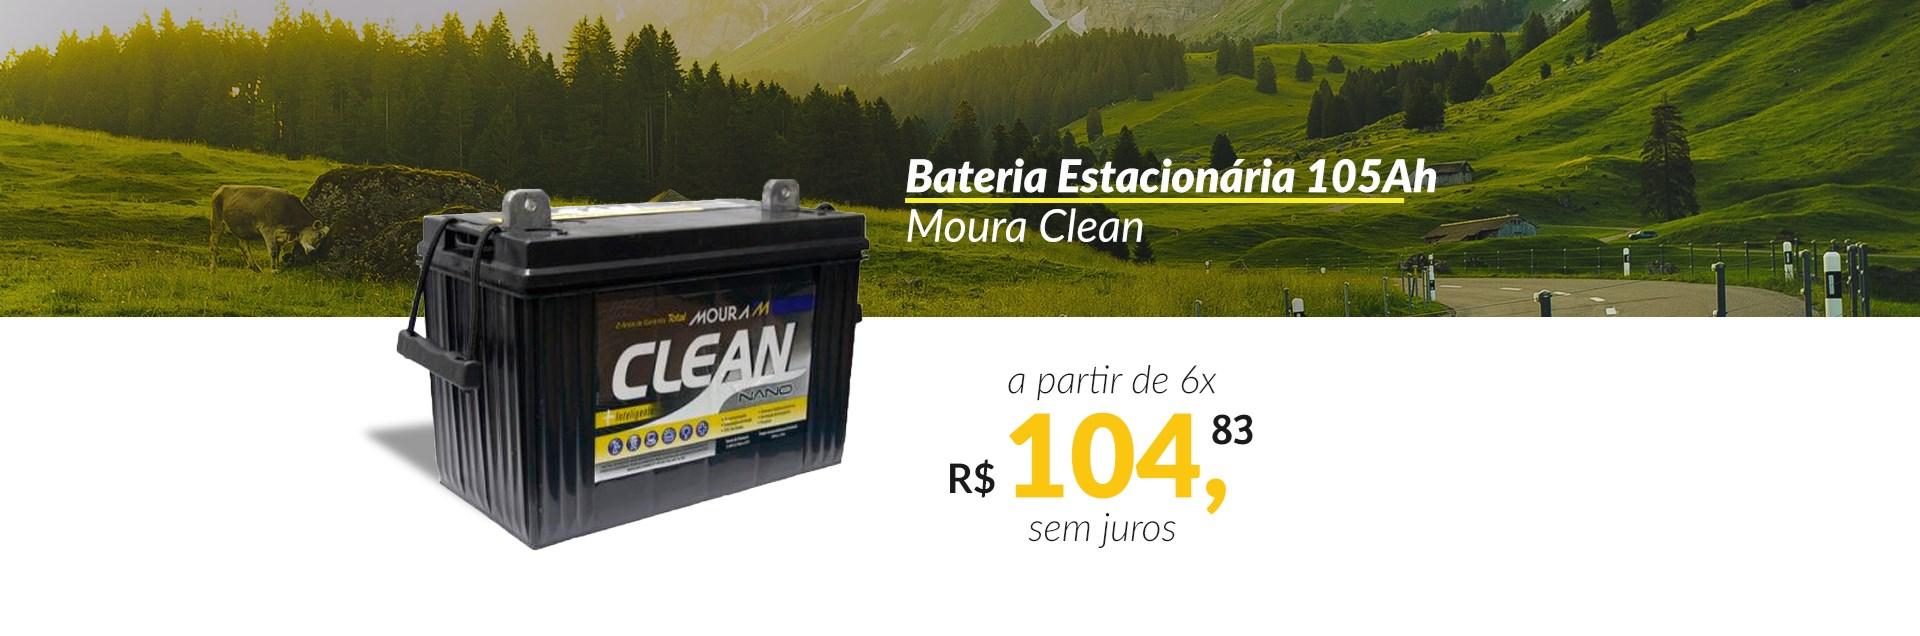 Bateria Moura Clean 105Ah